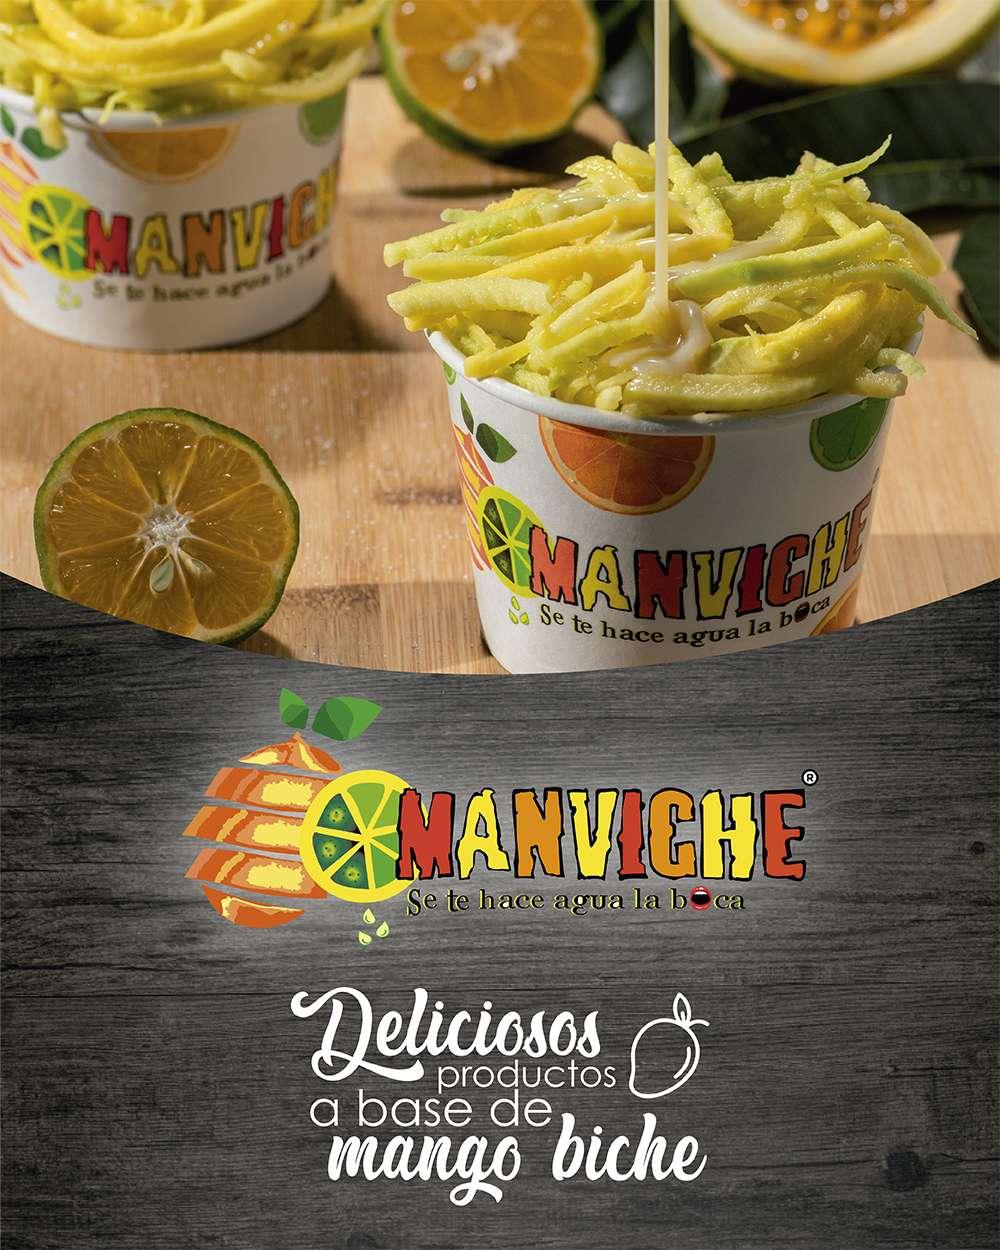 Manviche